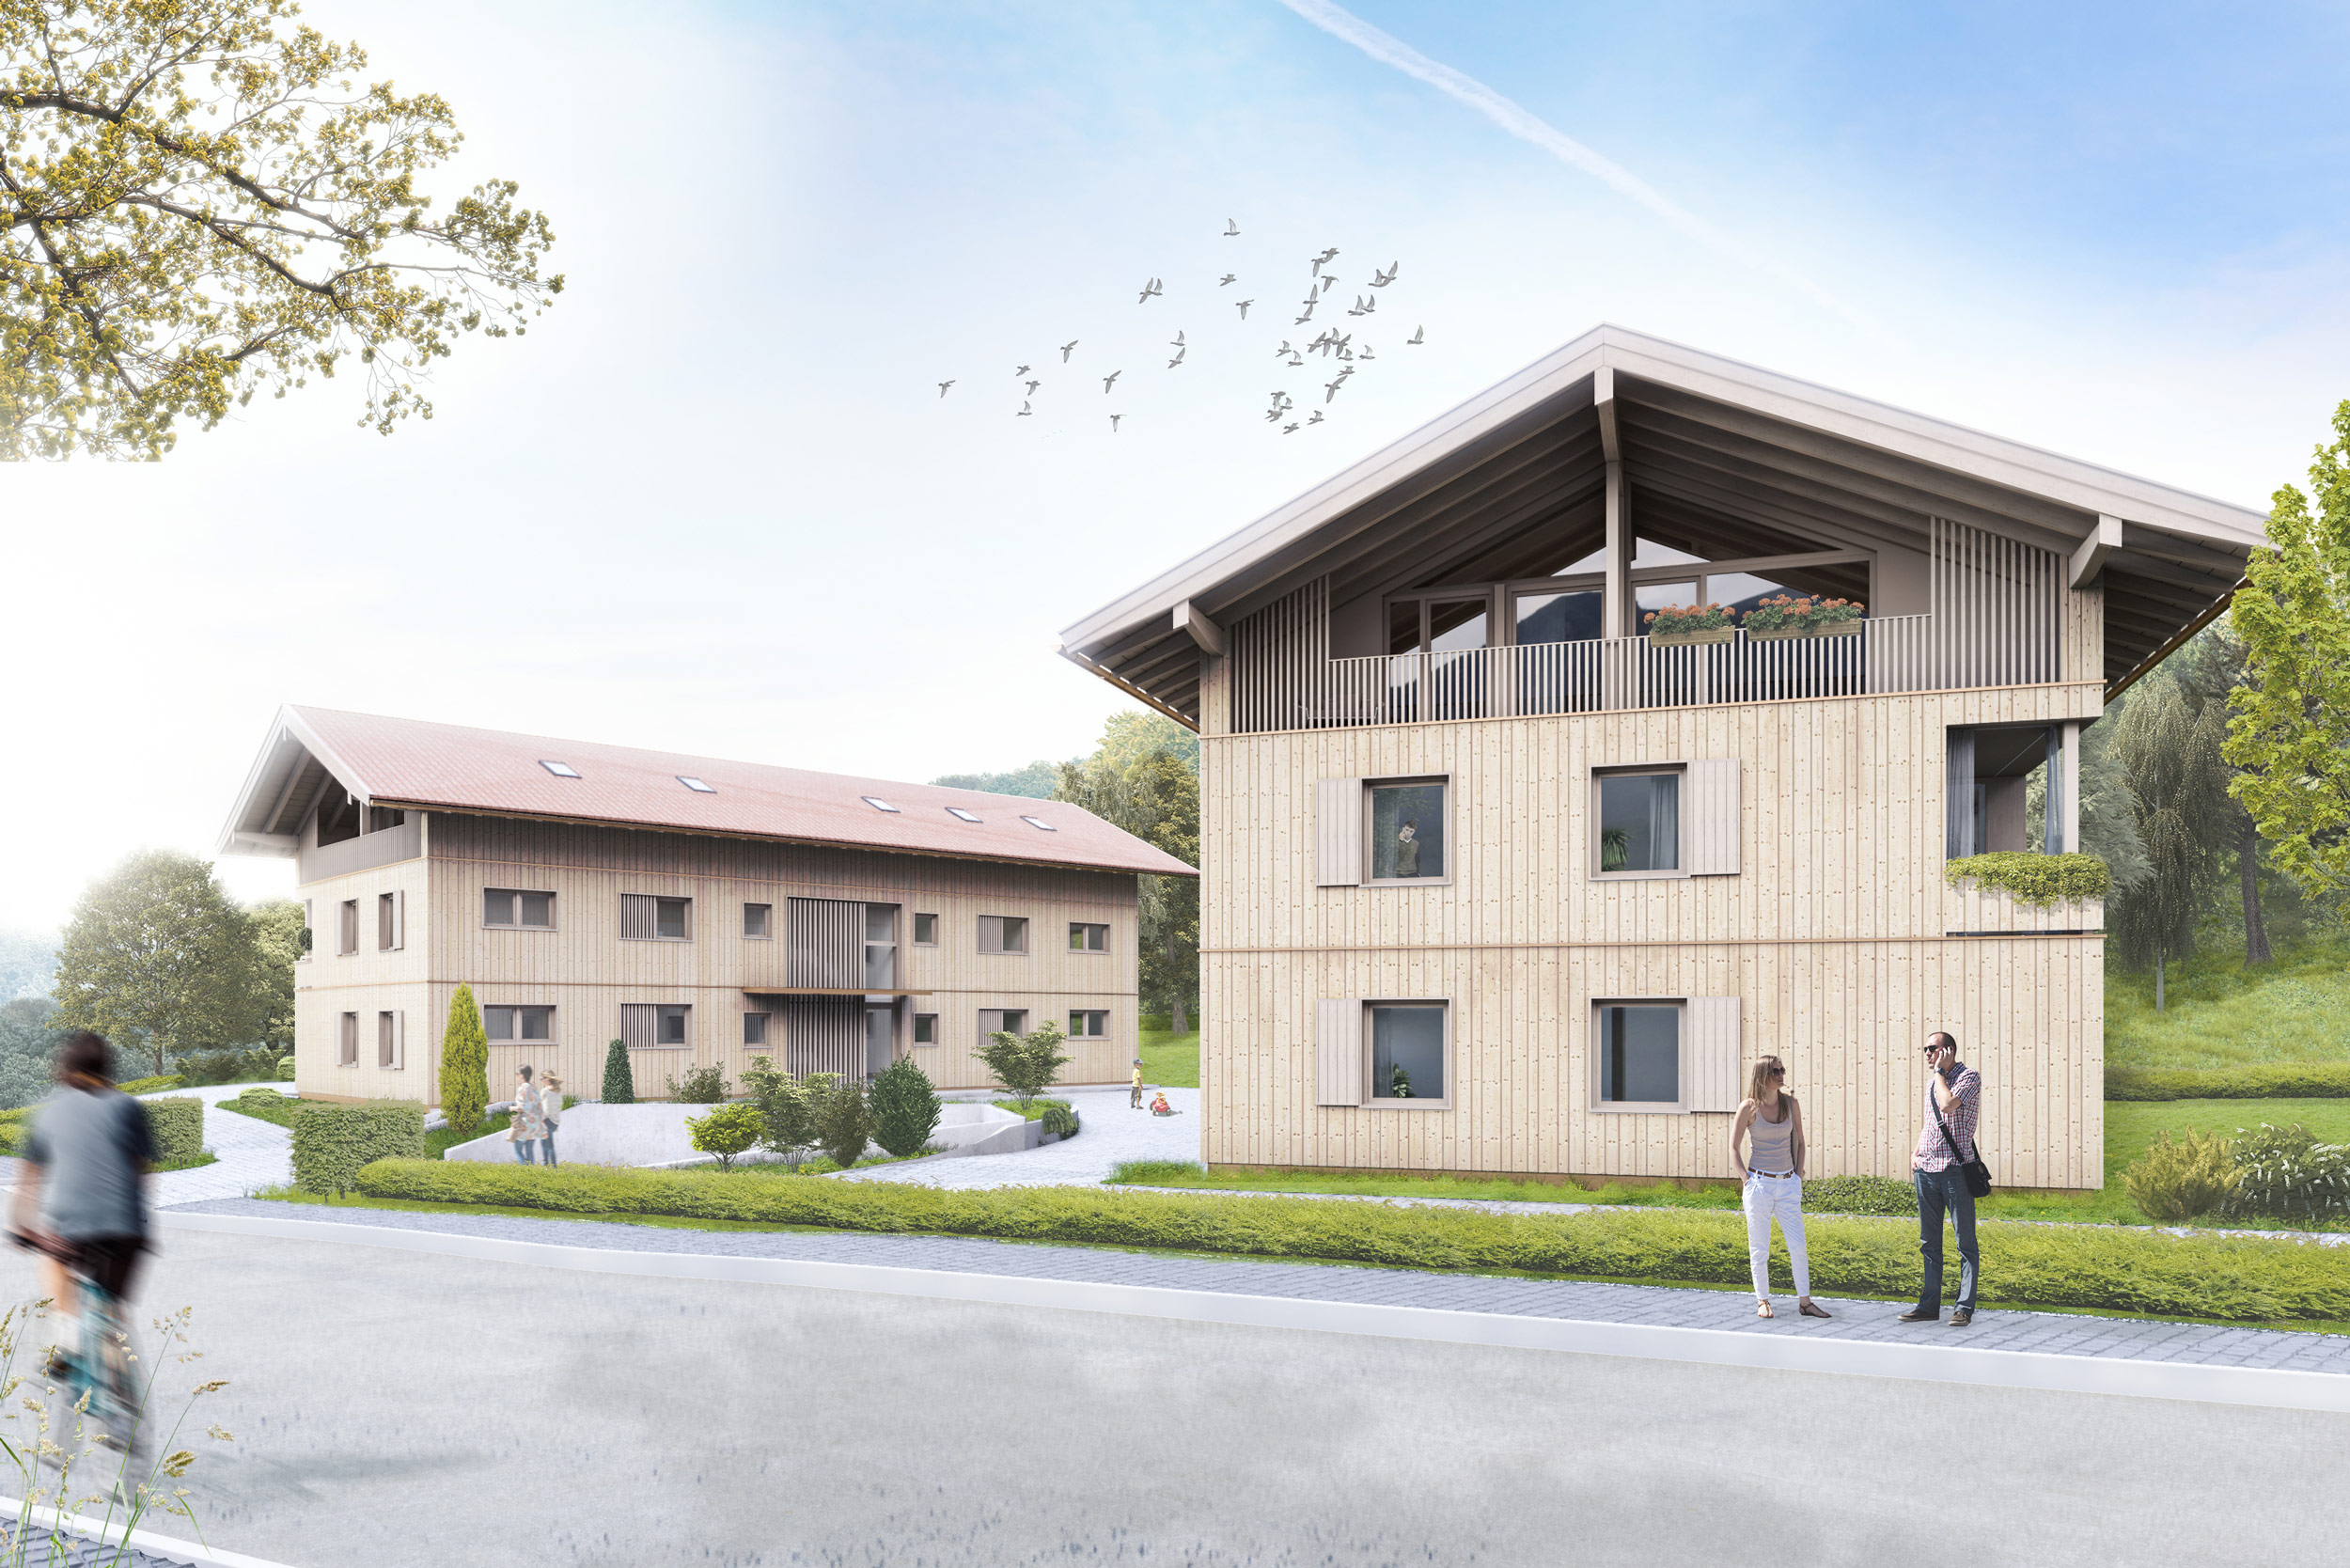 zimmerei-stoib-holzbau-schlüsselfertig-visualisierung-mehrfamilienhaus-lärchenfassade-architektur-innenausbau-warngau-tegernsee-modern-ökologisch.jpg